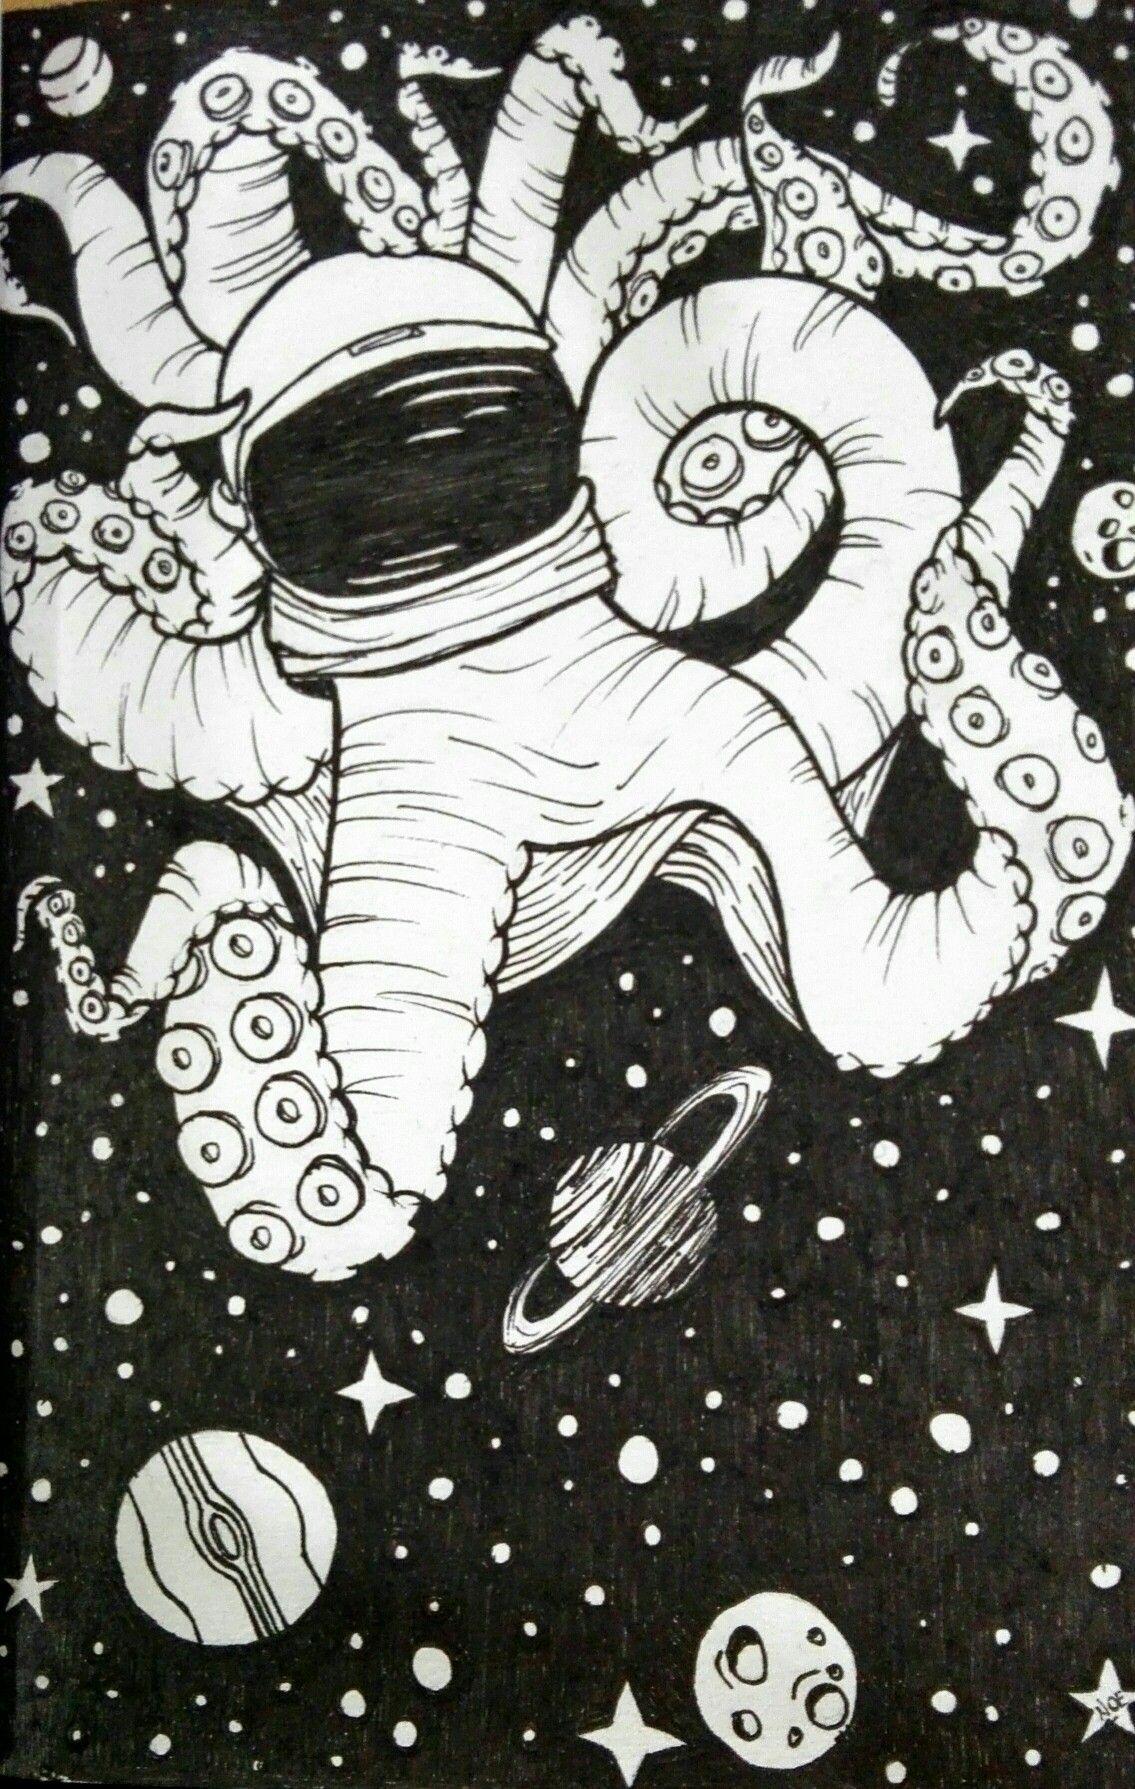 Dibujo de un pulpo astronauta hecho con estilografoblanco y